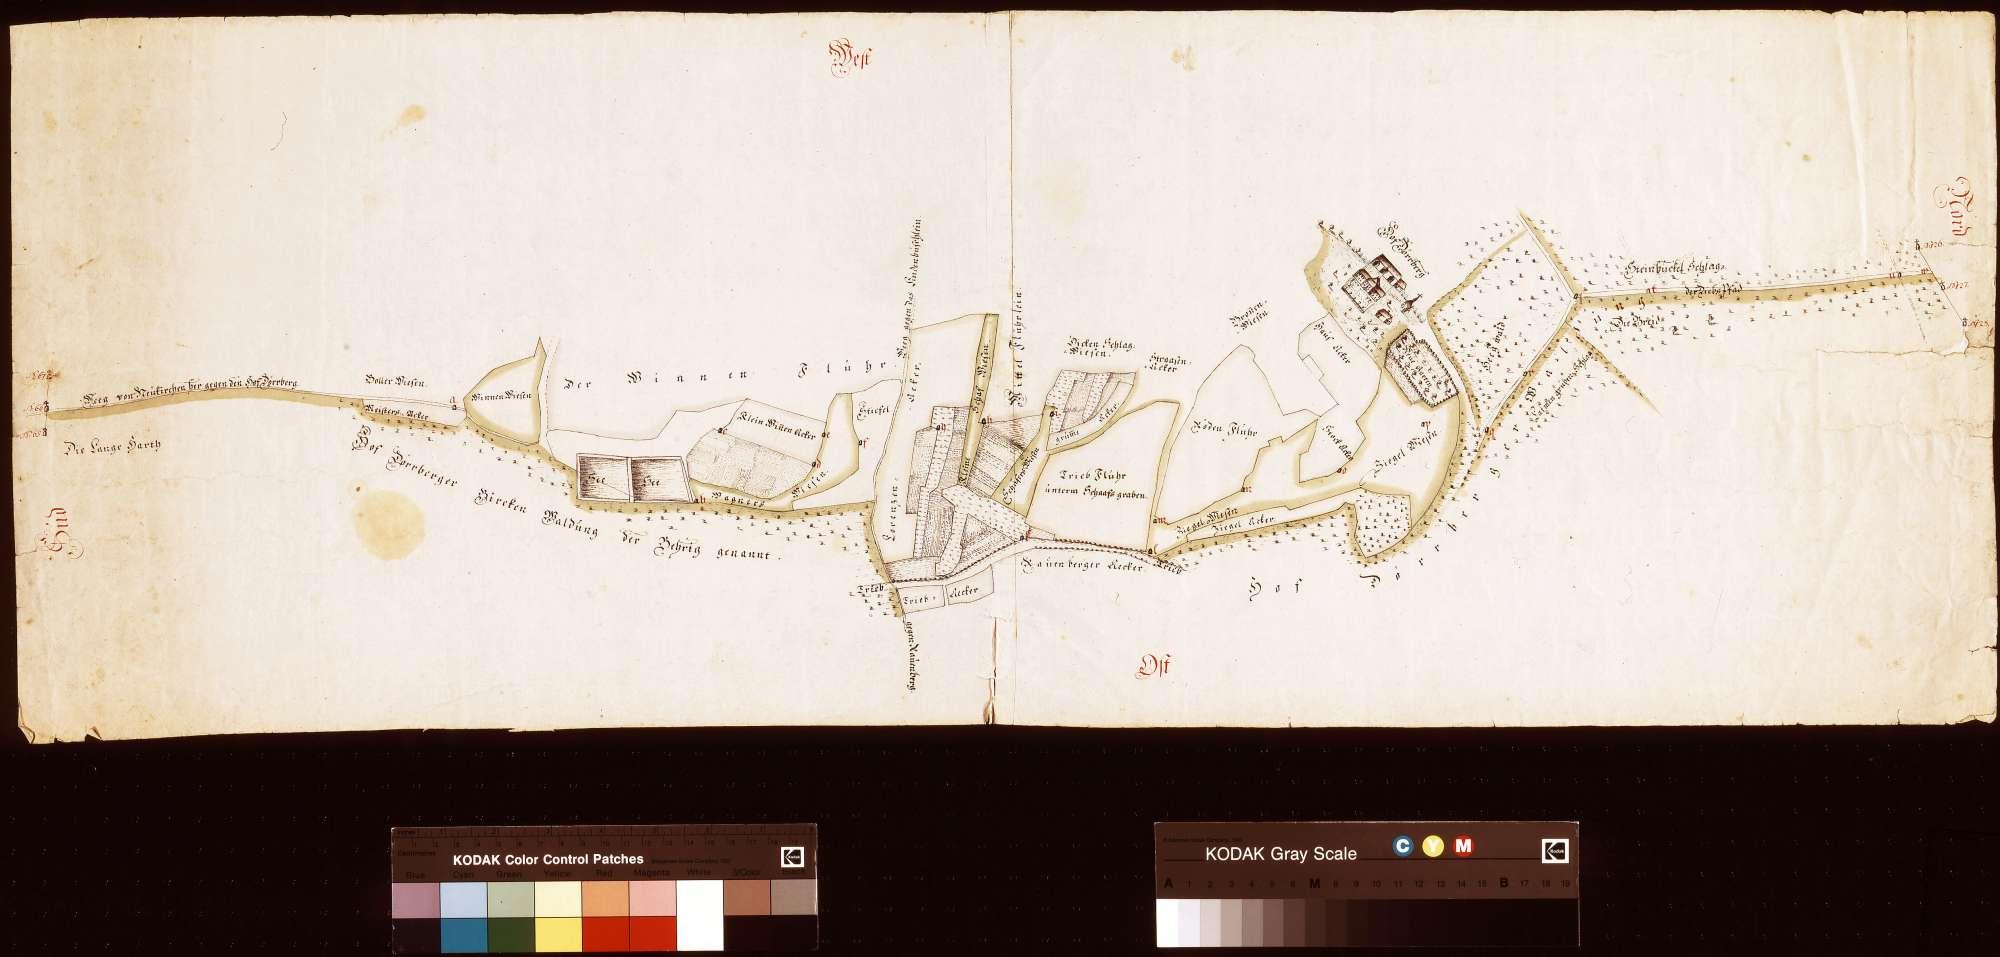 [Neuvermessung der Felder und Wiesen des Dürrhofs] (Inselkarte), Bild 1